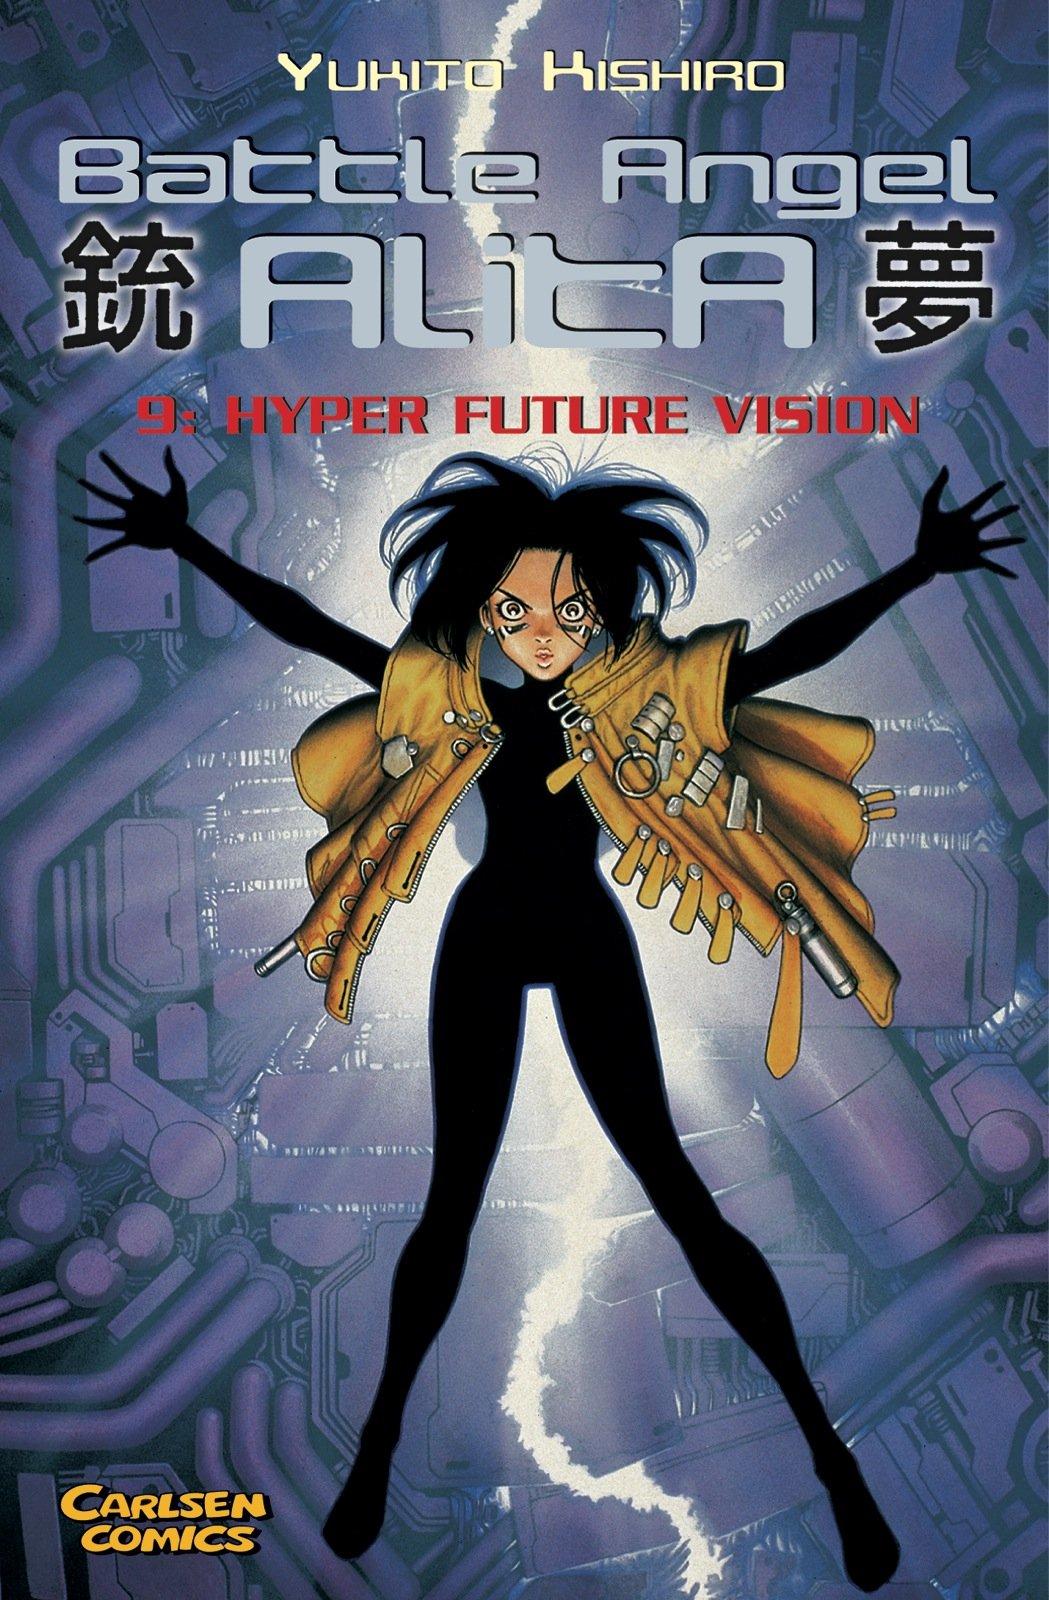 Battle Angel Alita, Taschenbuch-Ausg, Bd.9, Hyper Future Vision